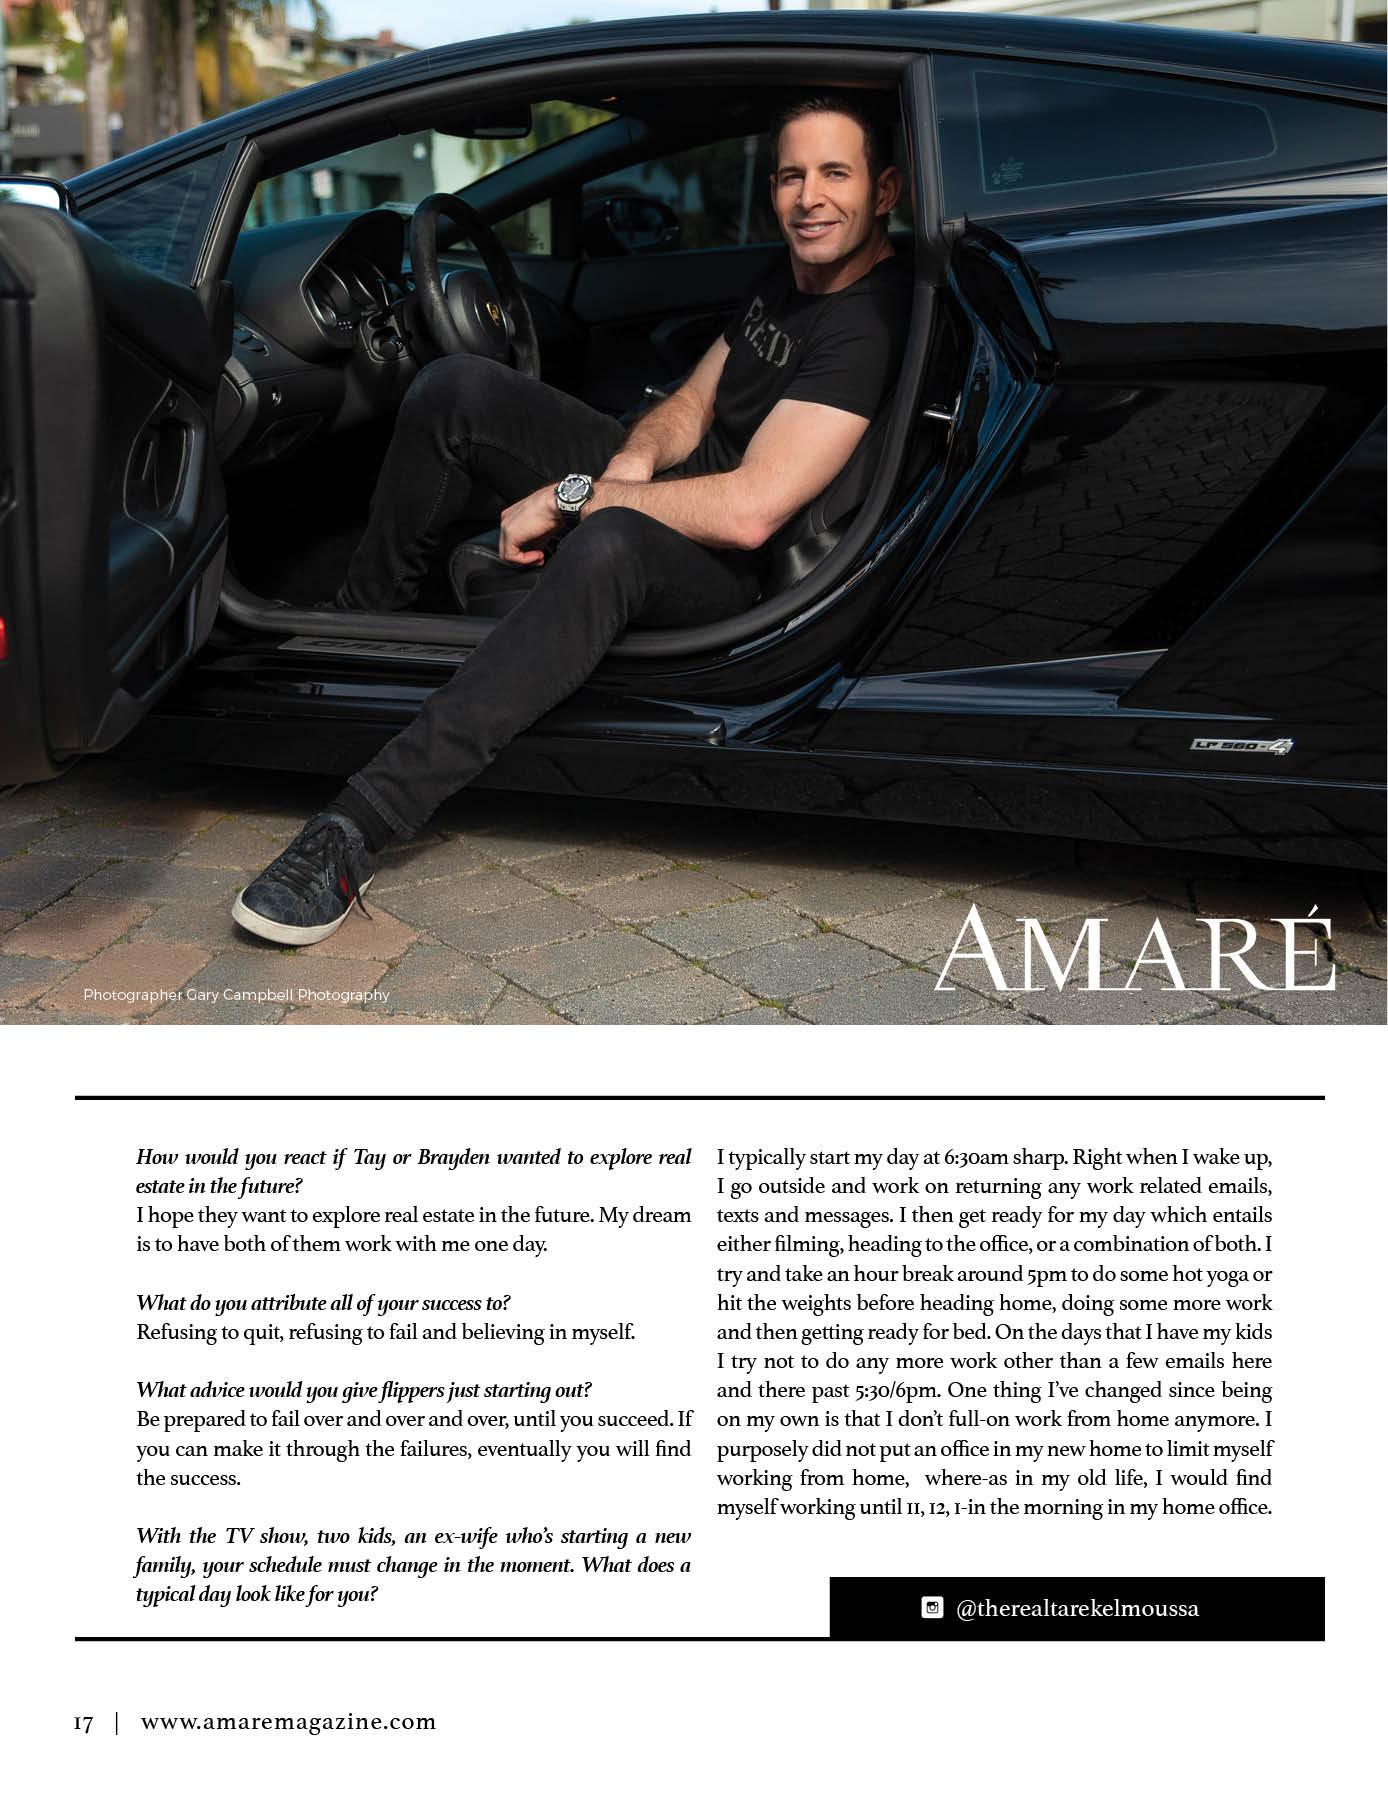 AMARE-Issue-1018.jpg